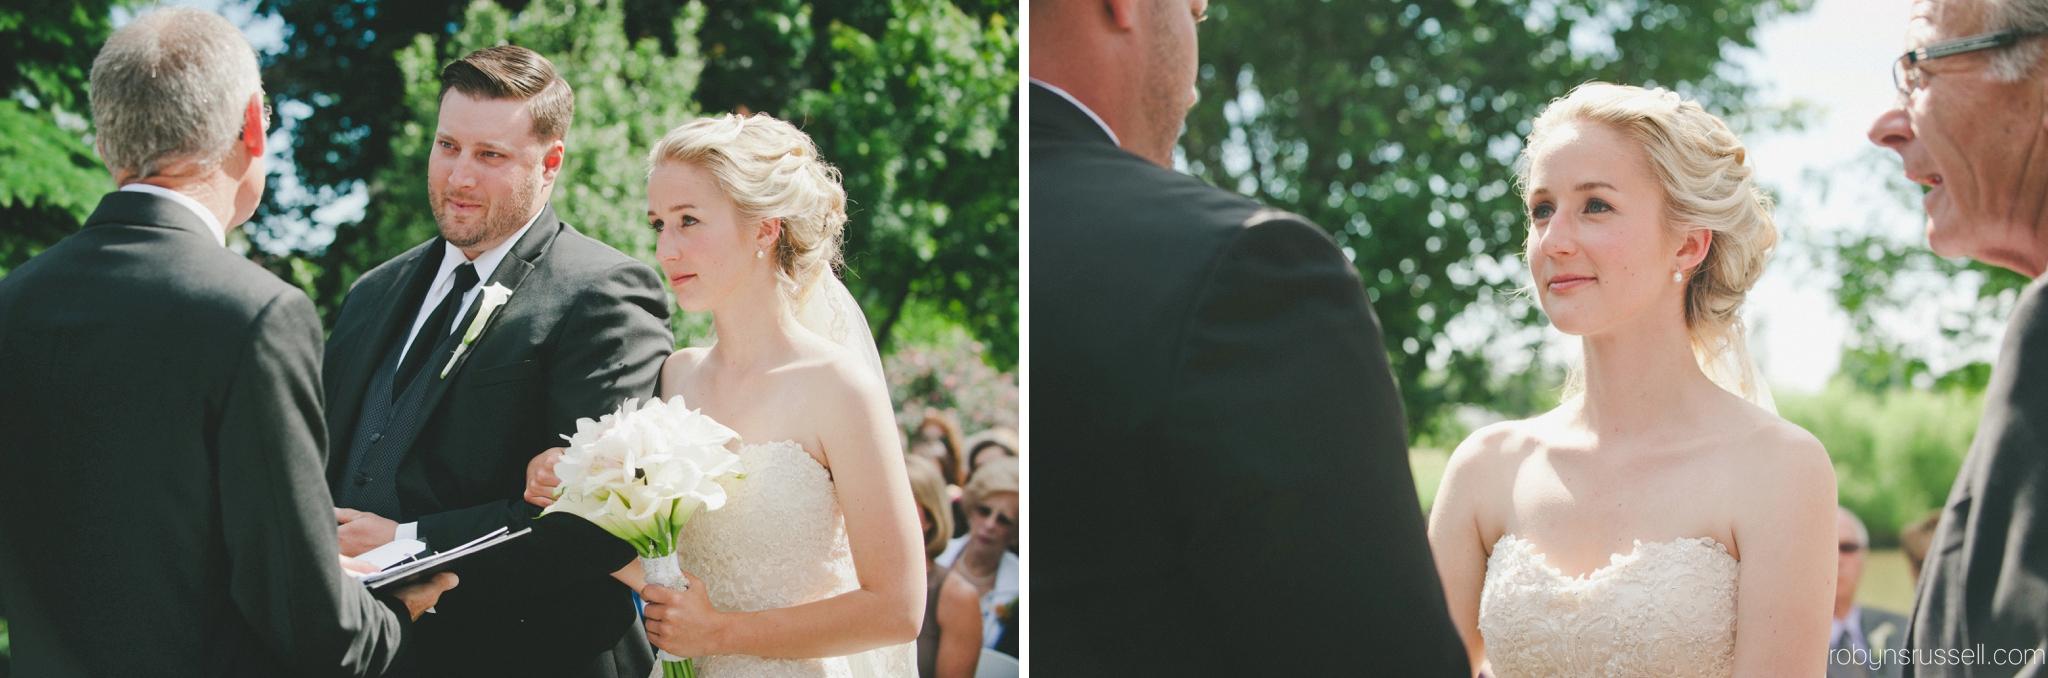 25-bride-and-groom-get-married.jpg